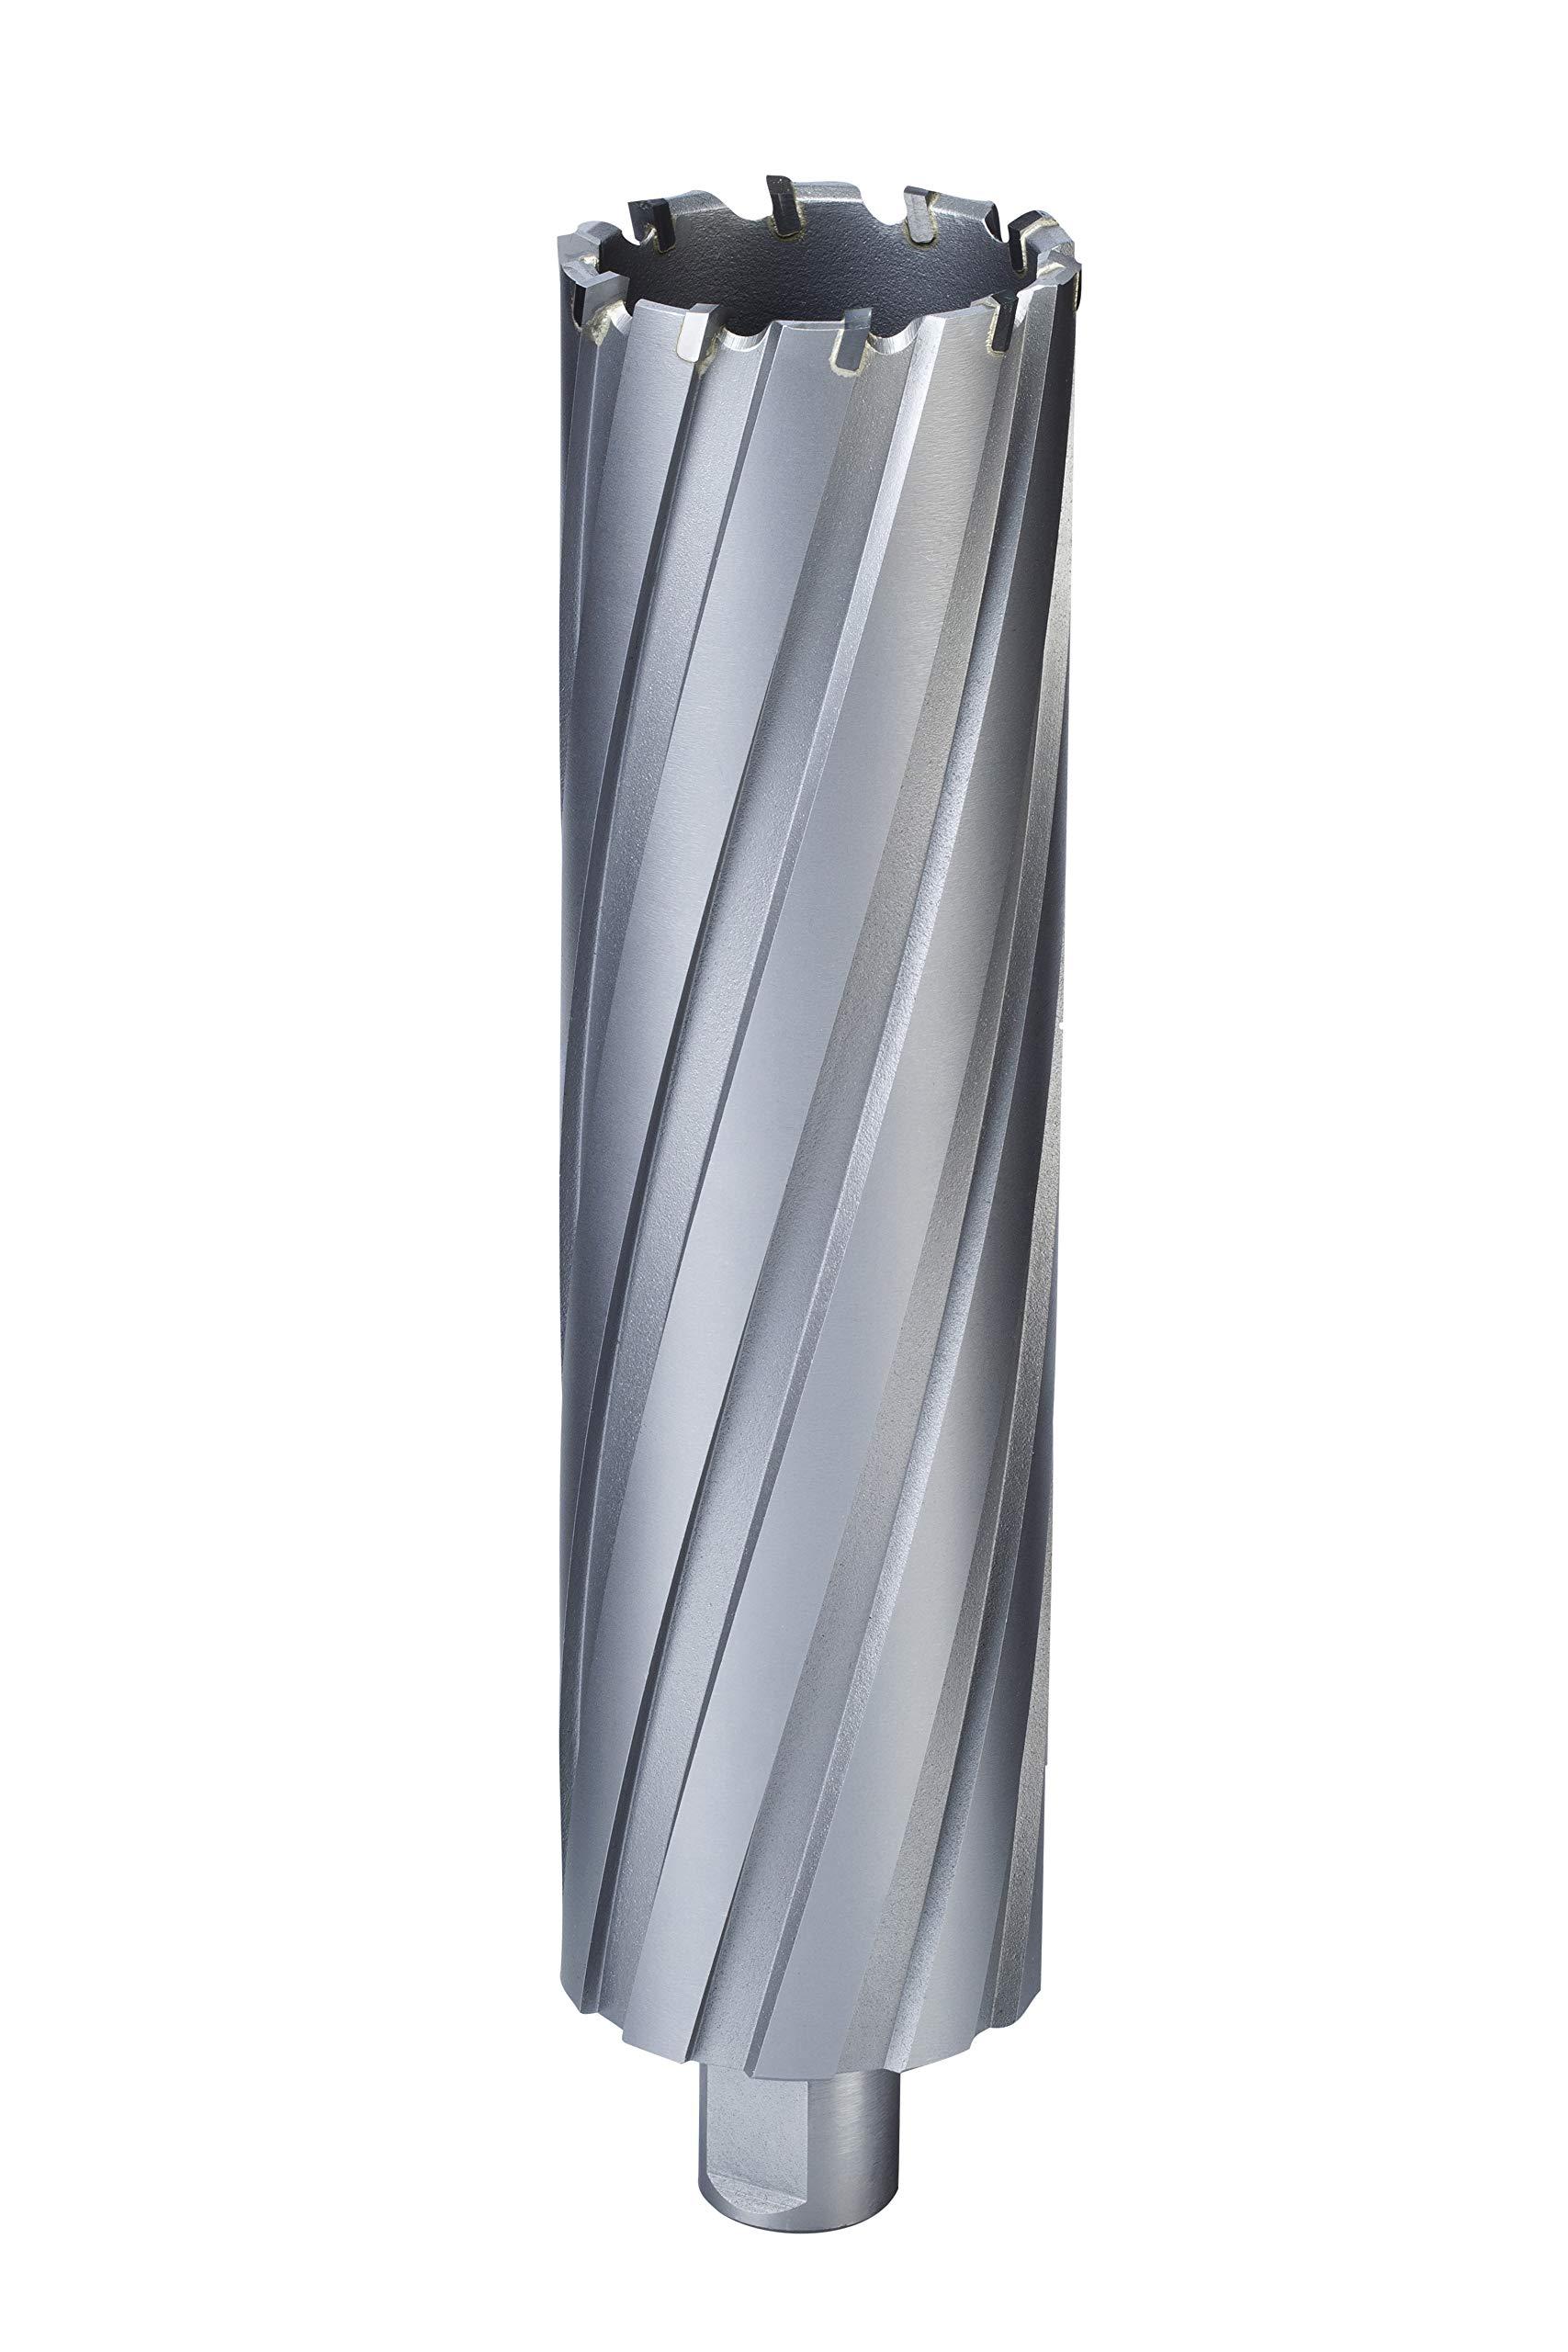 Euroboor Annular Cutter - 1-7/16'' x 6'' Carbide Cutter with TCT & Pin - HMW.1-7/16